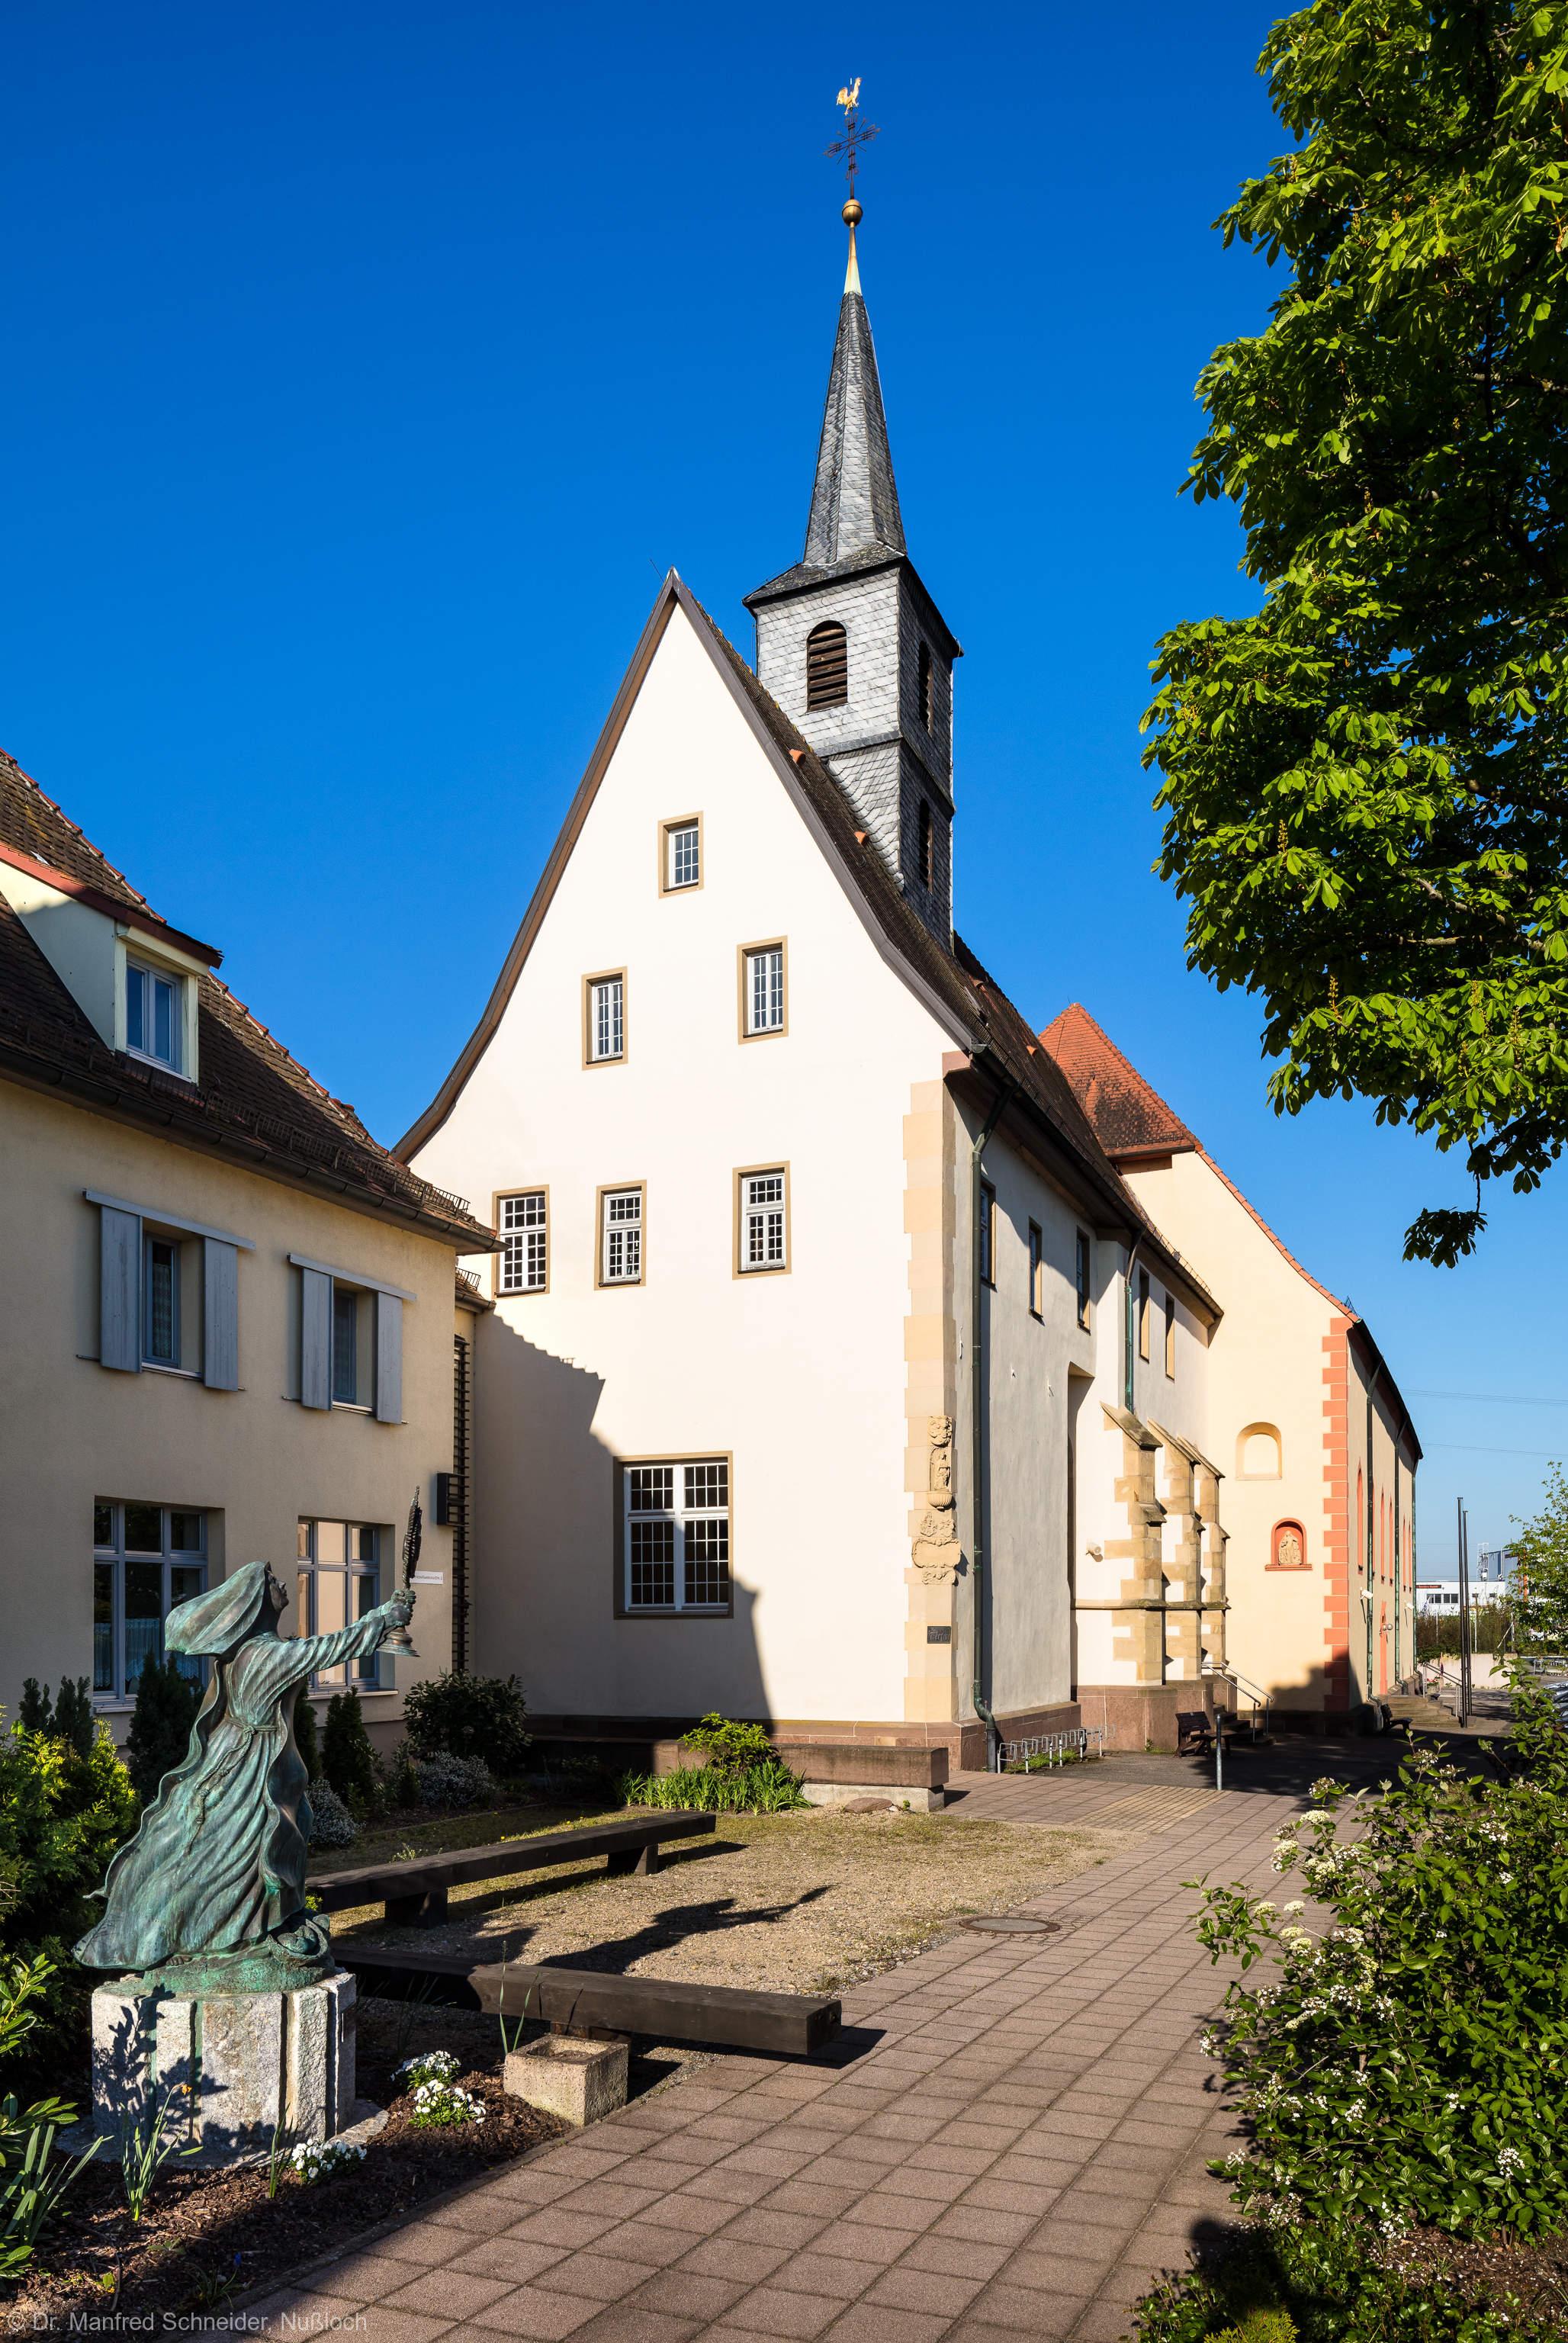 Waghäusel - Wallfahrtskirche - Von Außen / Von Osten - Blick auf die Marienwallfahrtskirche, links das Kloster der Brüder vom gemeinsamen Leben, davor eine Skulptur der Hl. Klara, der Patronin des Klosters (aufgenommen im April 2019, am Vormittag)